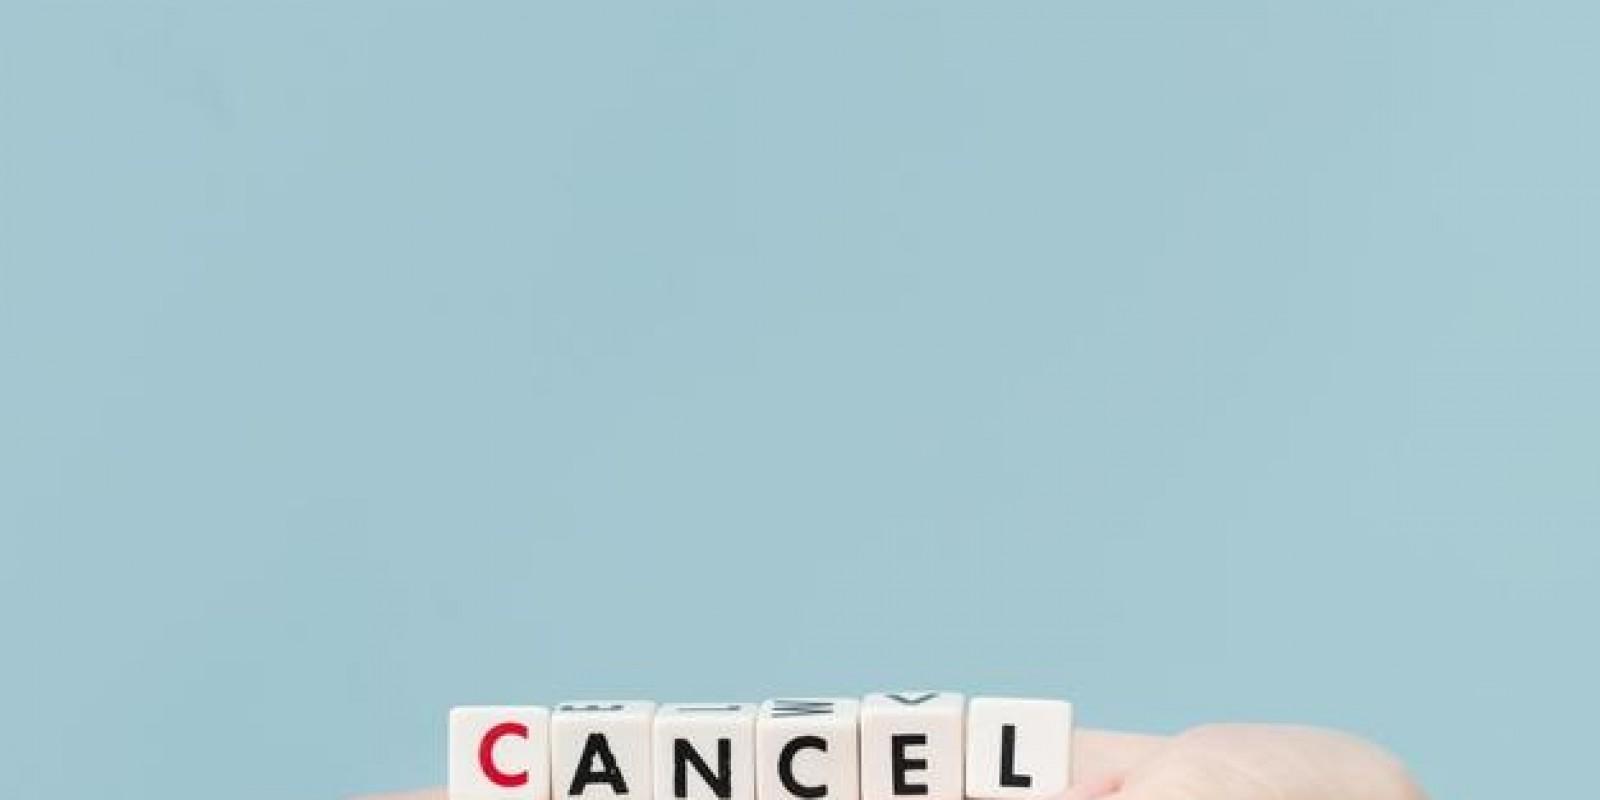 O Que É Cultura Do Cancelamento? O Que Significa Nos Mundos Real E Digital?